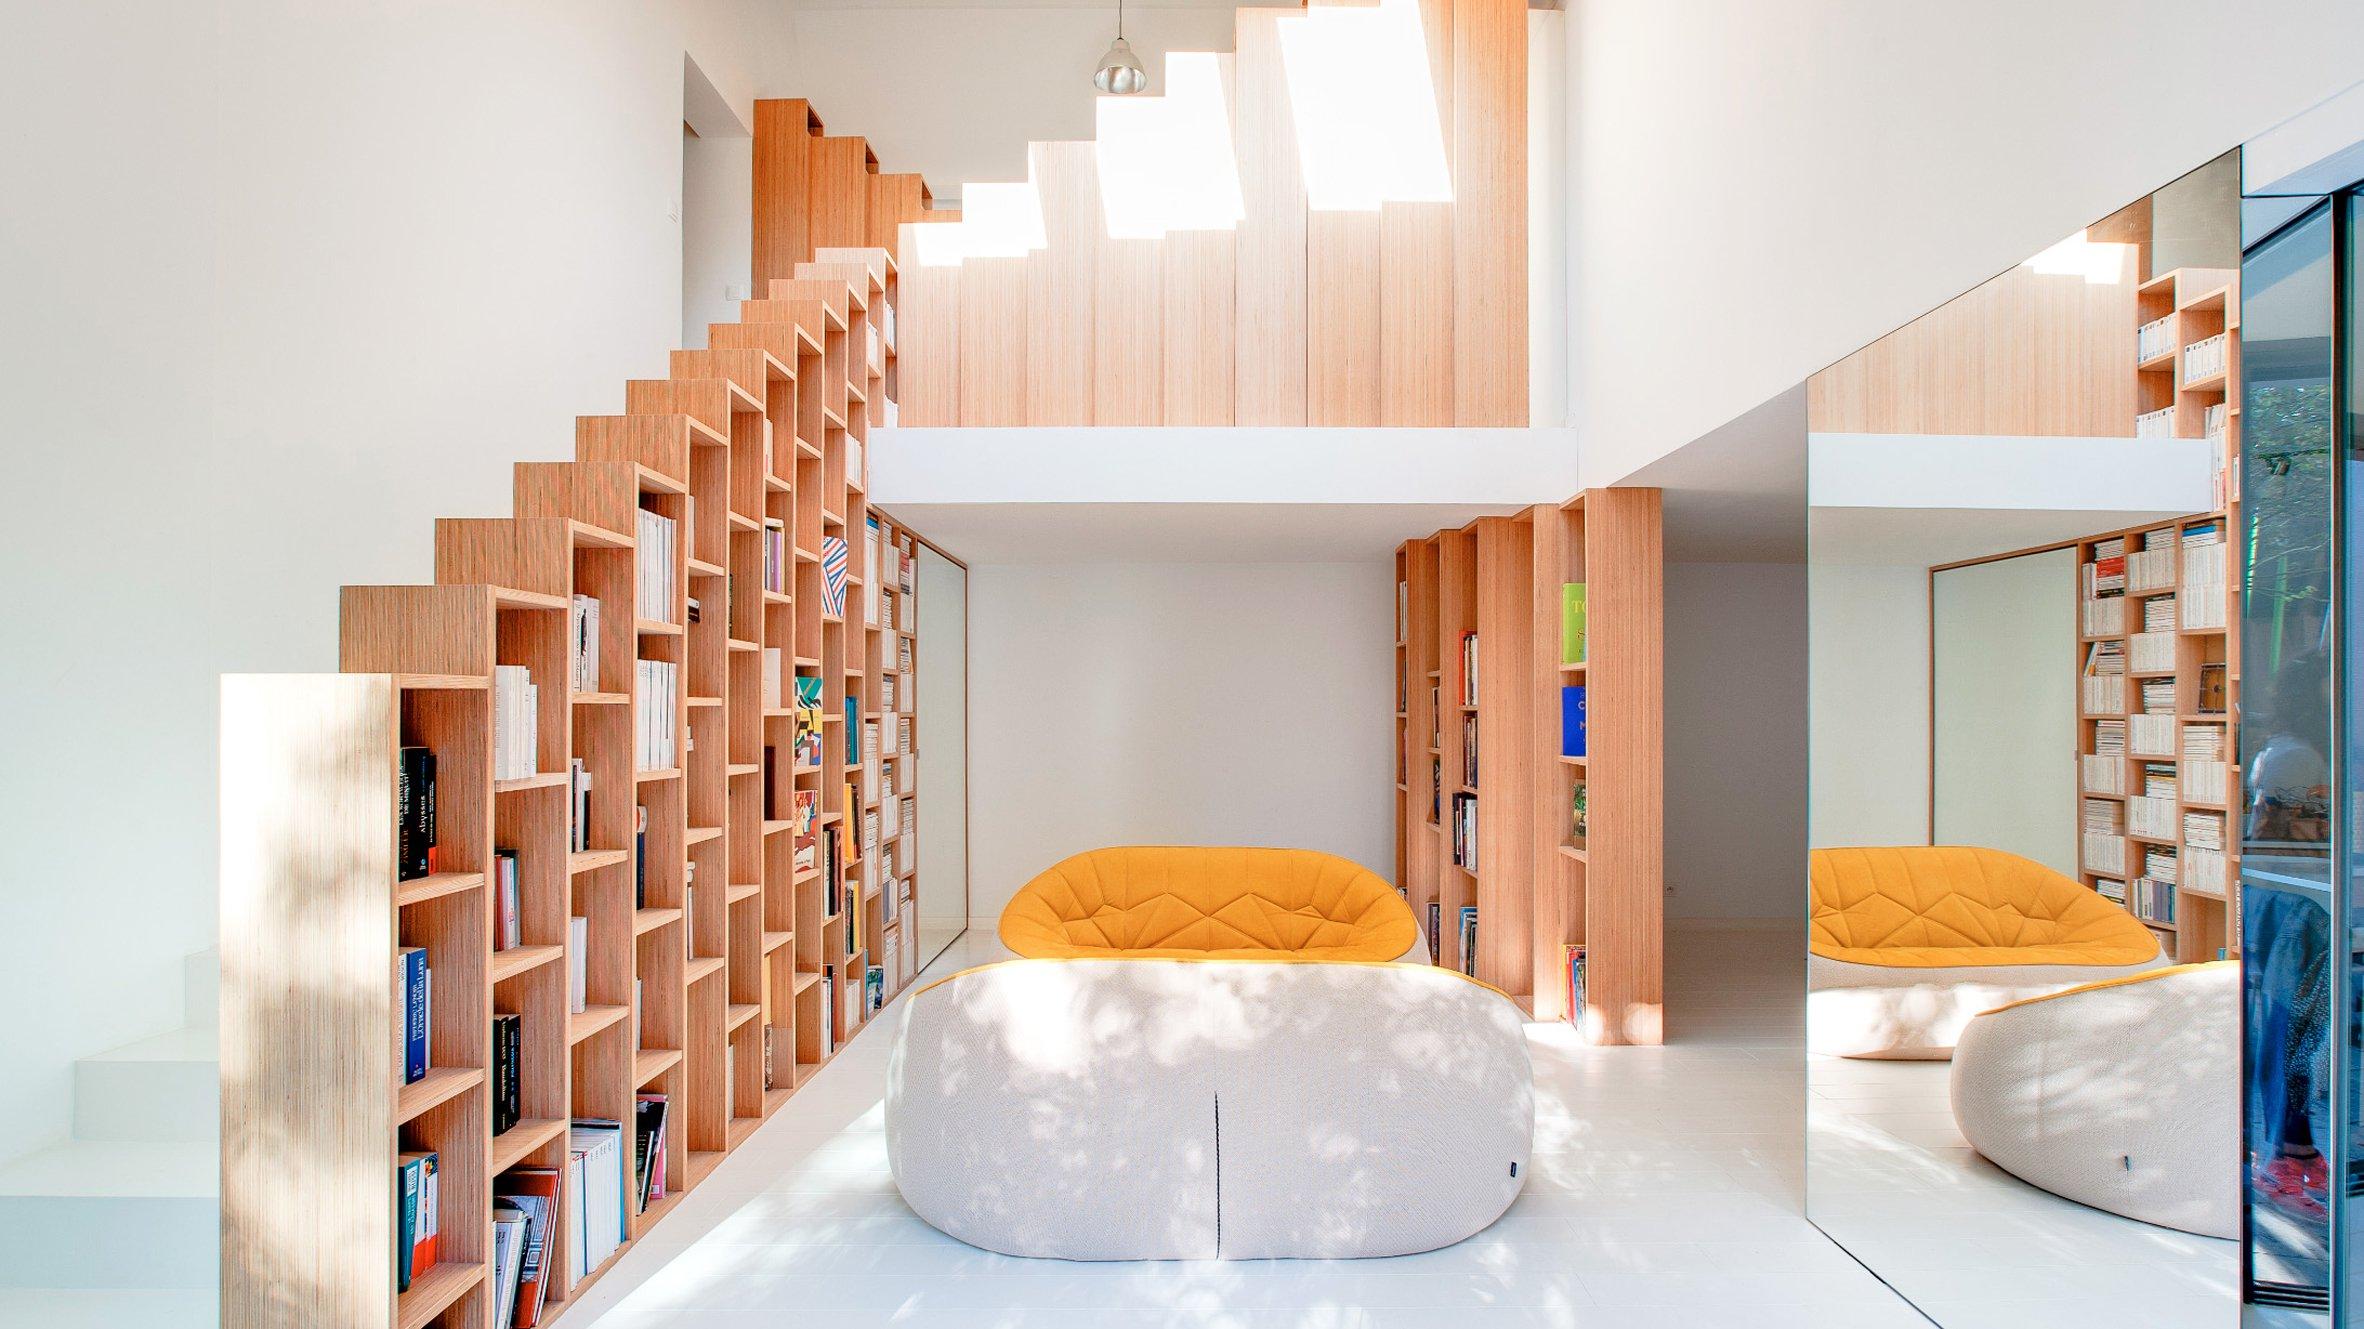 bookshelf-house-andrea-mosca-interior-paris-_dezeen_Hero